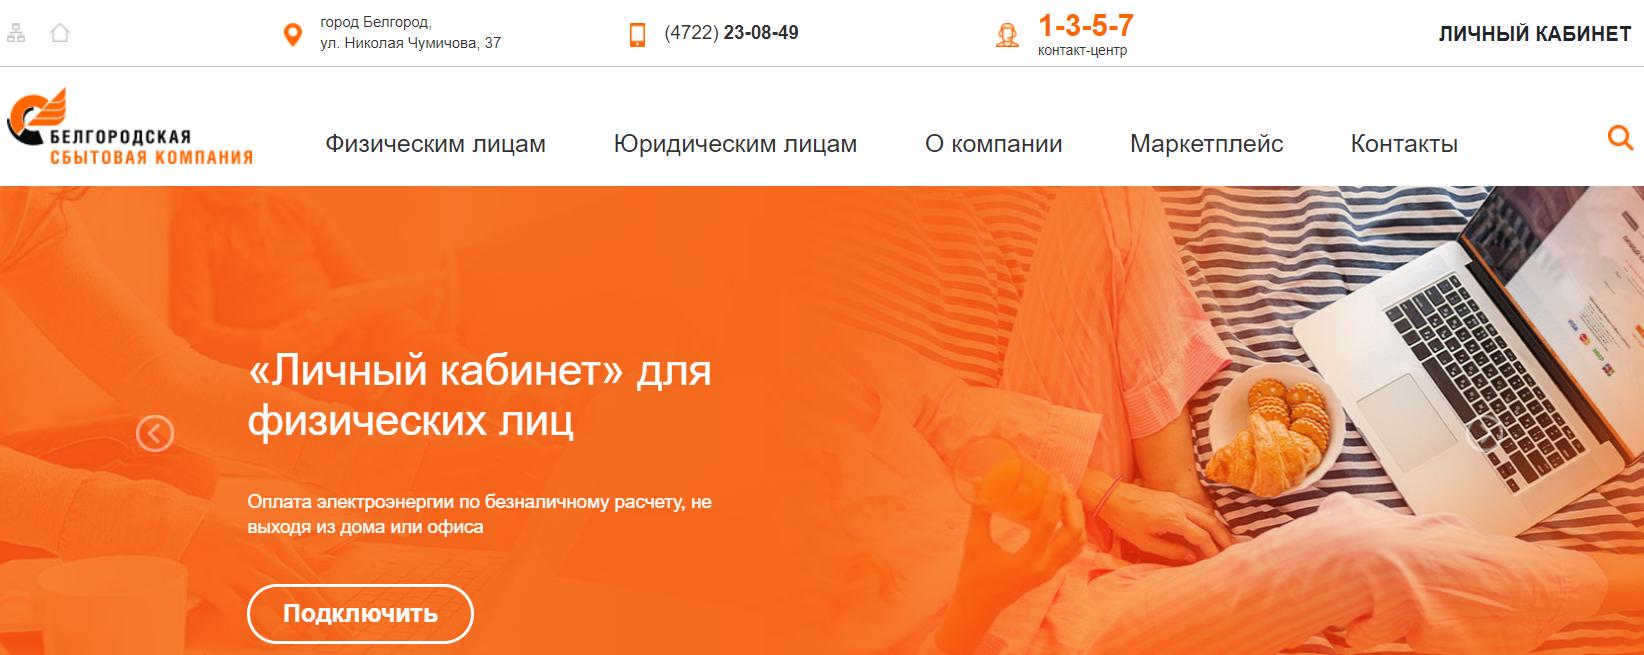 Регистрация и вход в личный кабинет БСК (Белгородэнергосбыт)